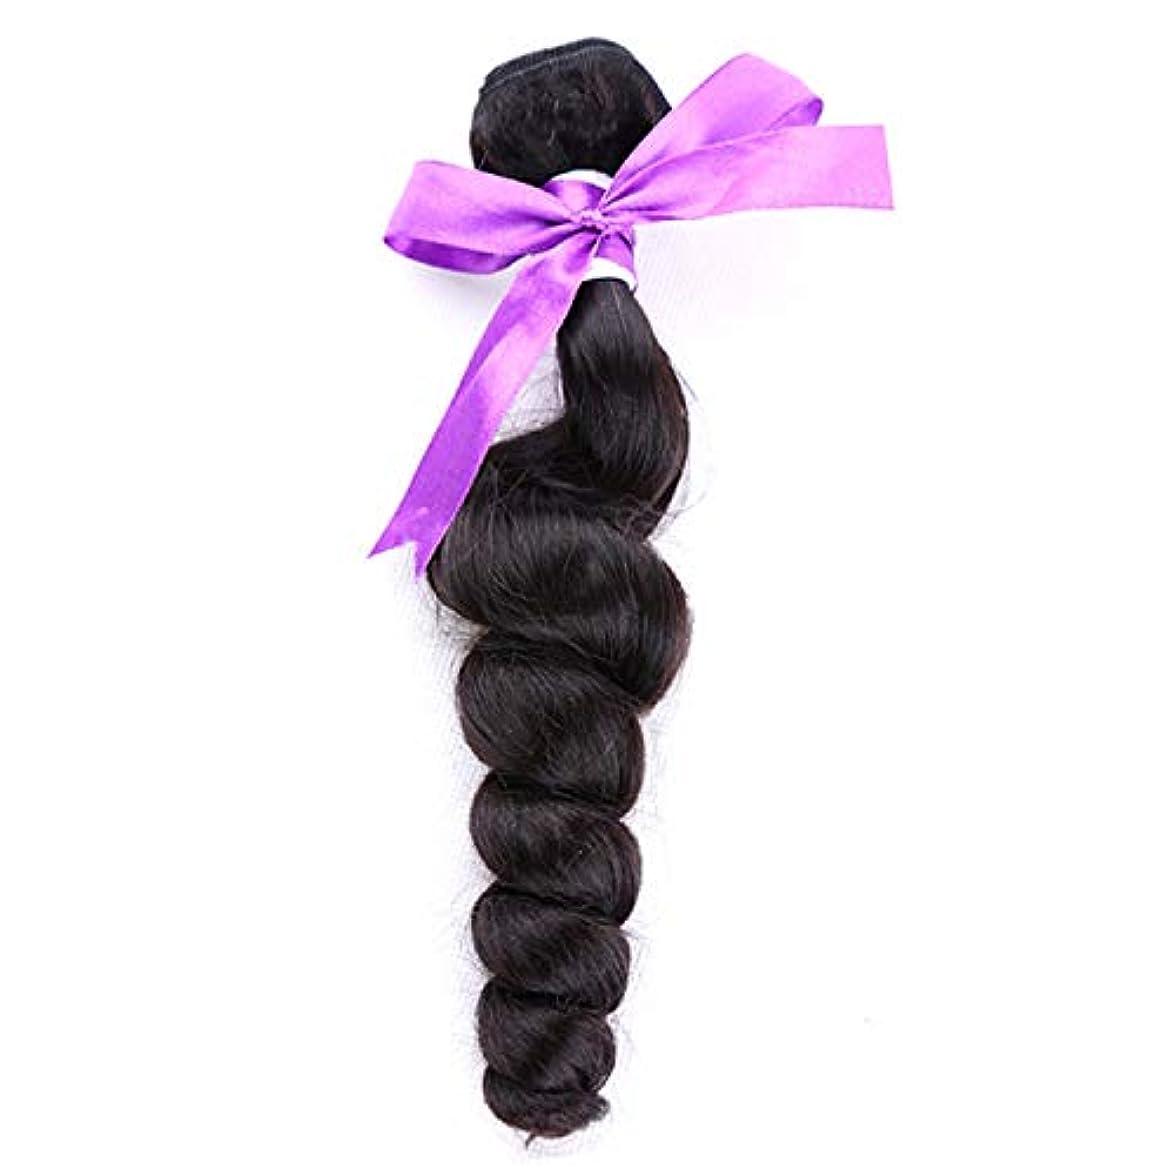 産地パリティシャックルかつら ペルールースウェーブ100%人毛バンドルナチュラルカラーノンレミーヘア1個 (Stretched Length : 16inches)